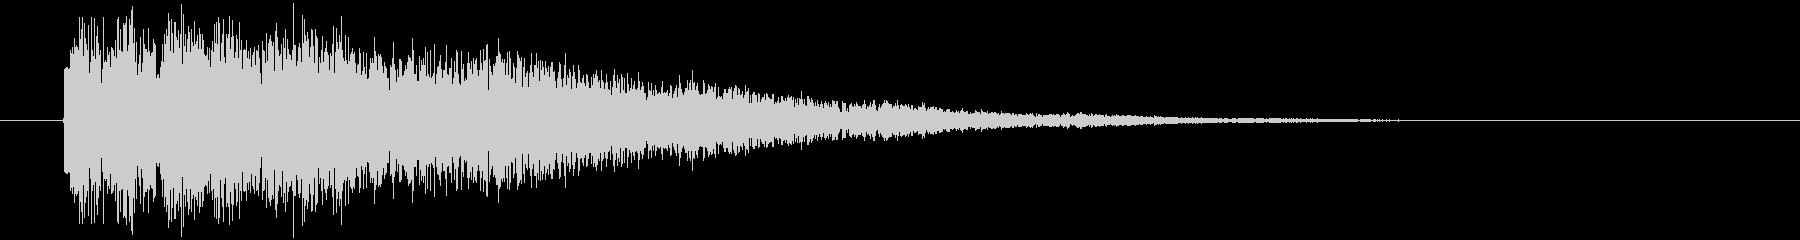 動きのあるタイトル表示の未再生の波形